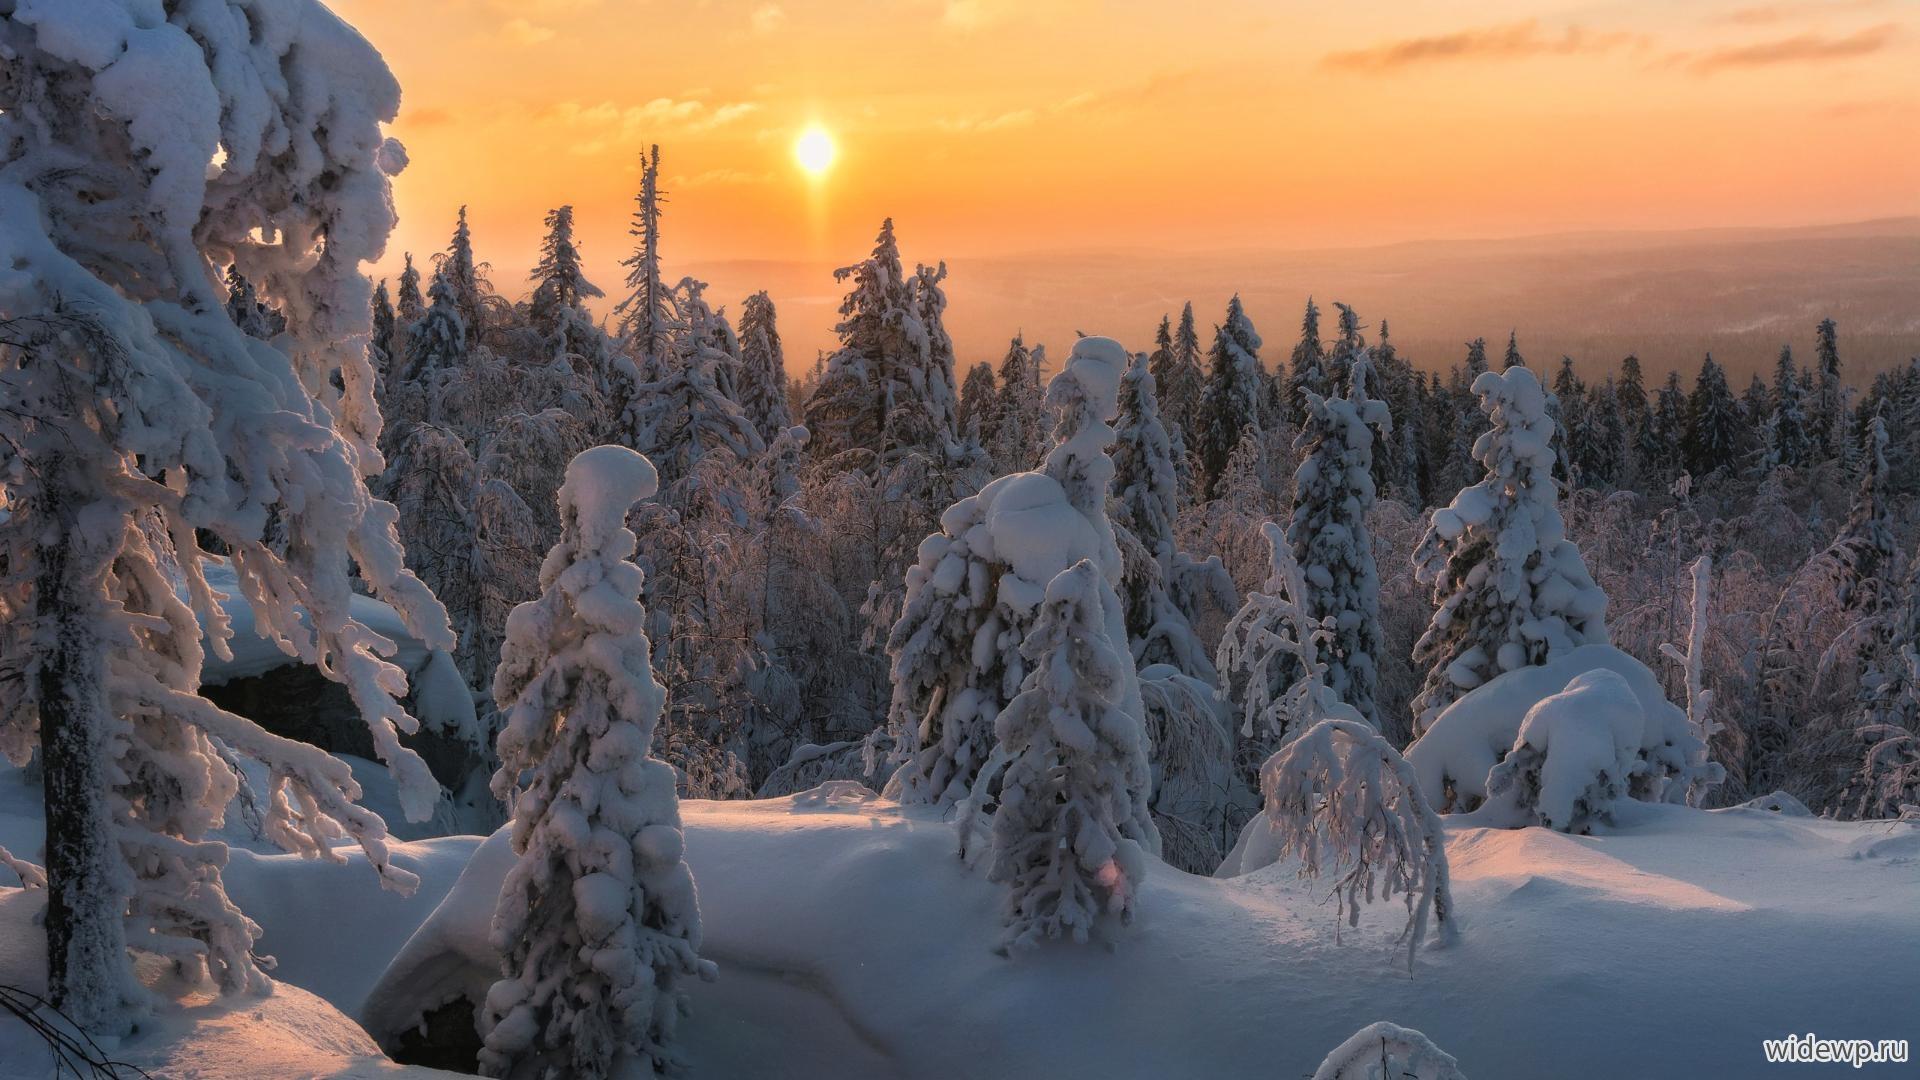 Обои На Рабочий Стол 1920х1080 Зимний Лес